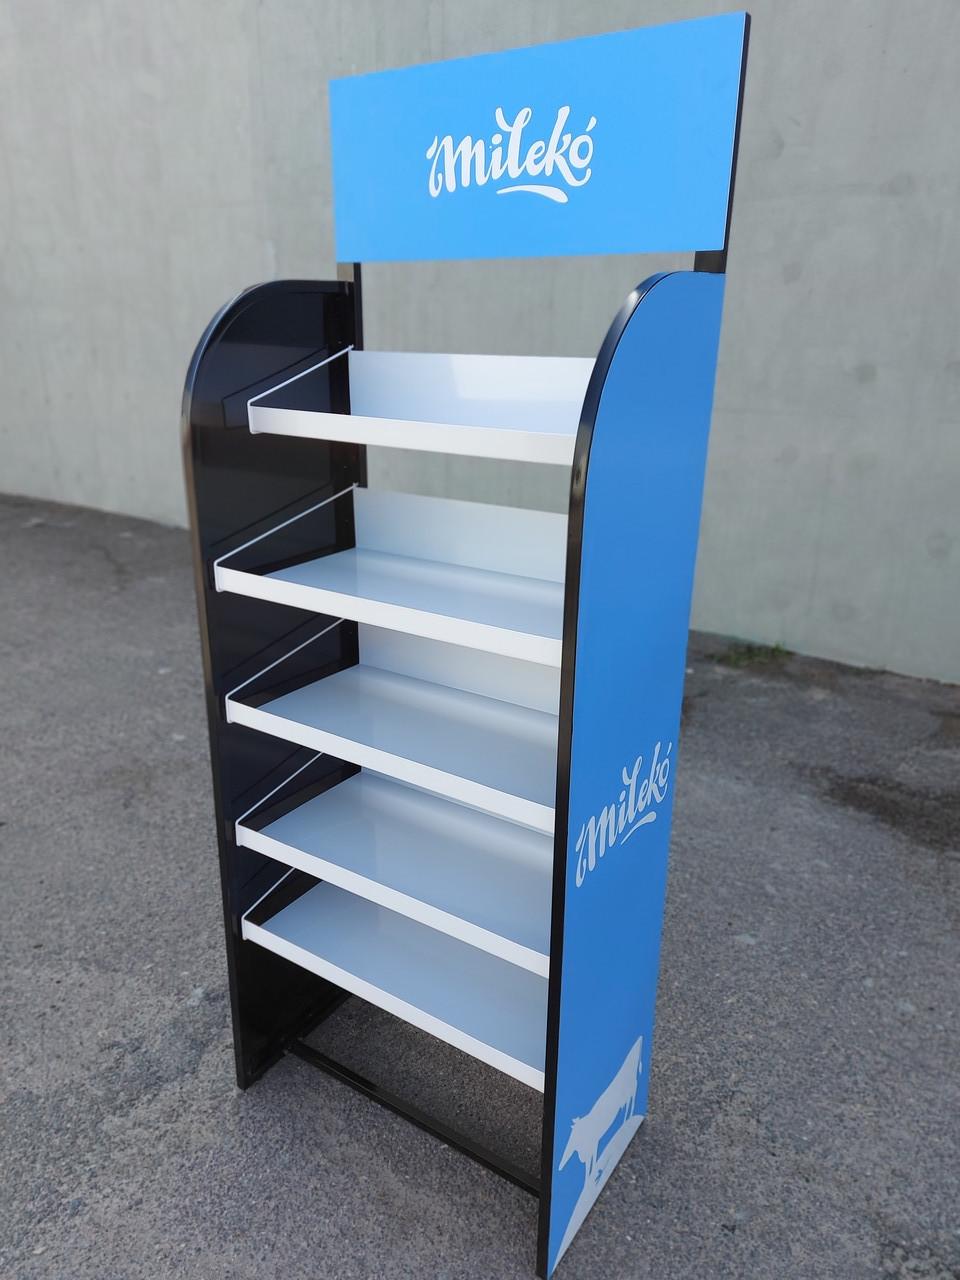 Стеллаж-стойка 📌 5 полок, 40*70*185 см, металл Голубой